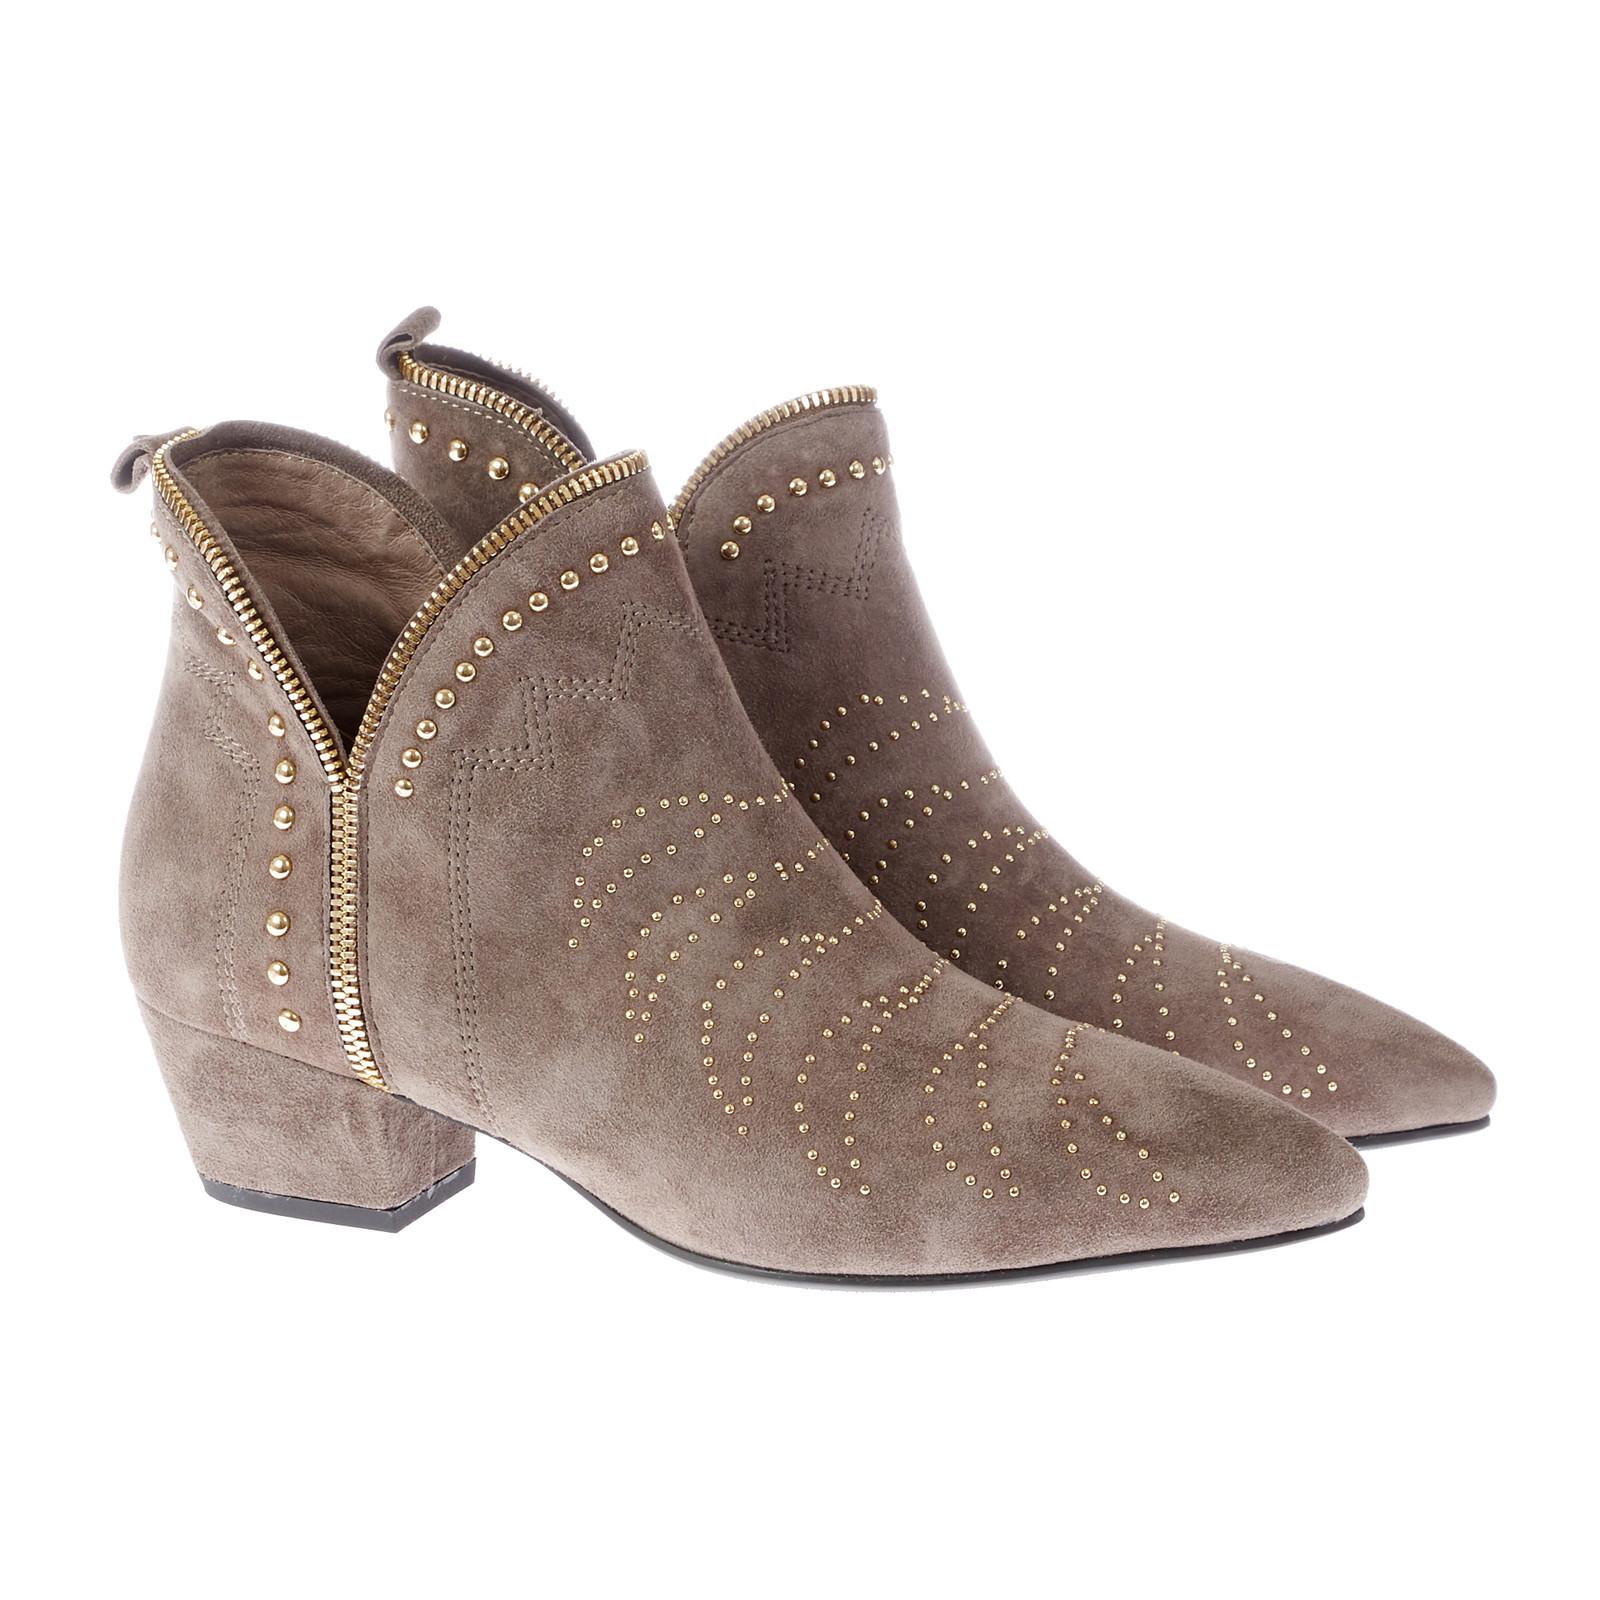 Sofie Schnoor Boot Stitch Suede støvle